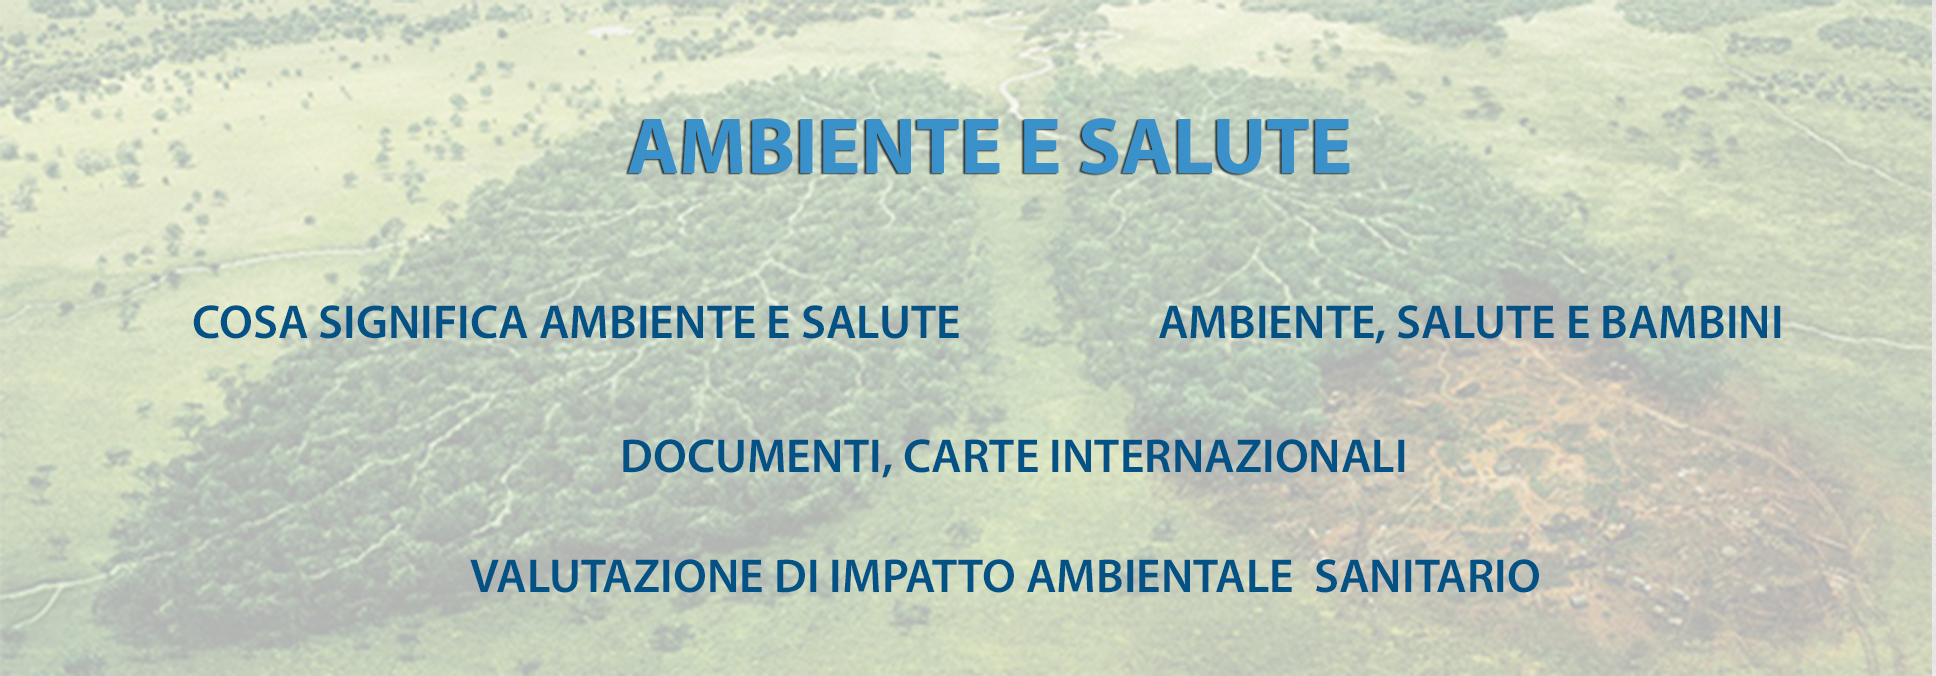 1-AMBIENTE